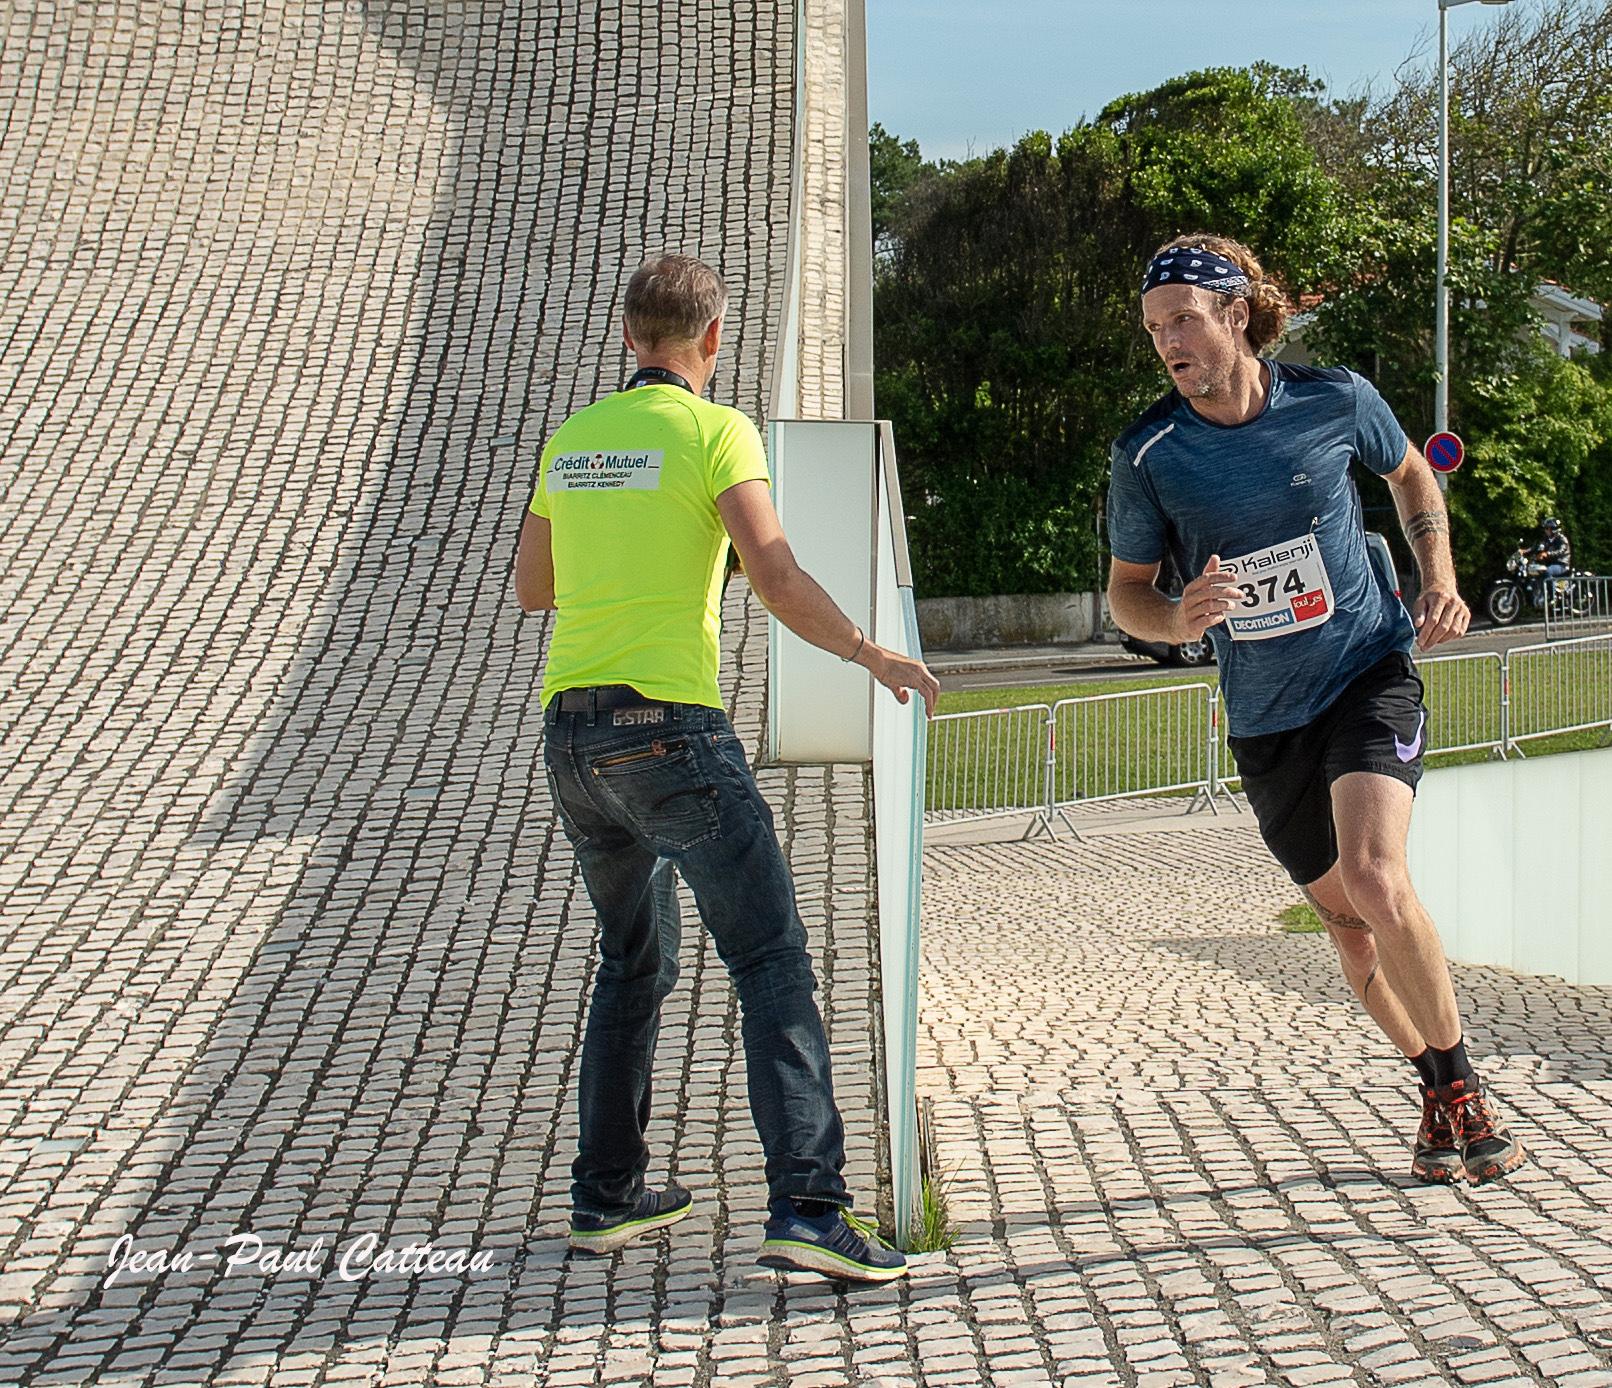 Marathon_de_Biarritz_-_Cité_Océan_-_24_juin_2018_35